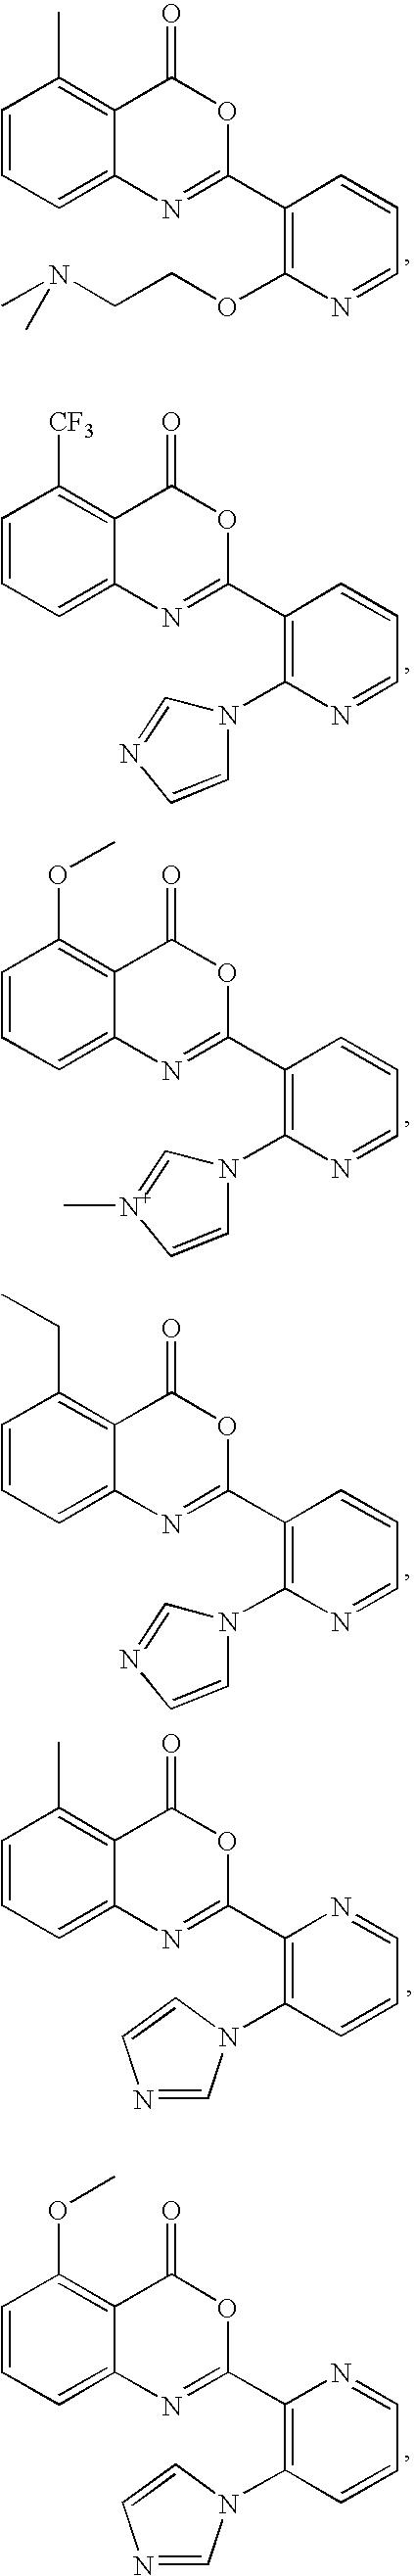 Figure US20080161290A1-20080703-C00385